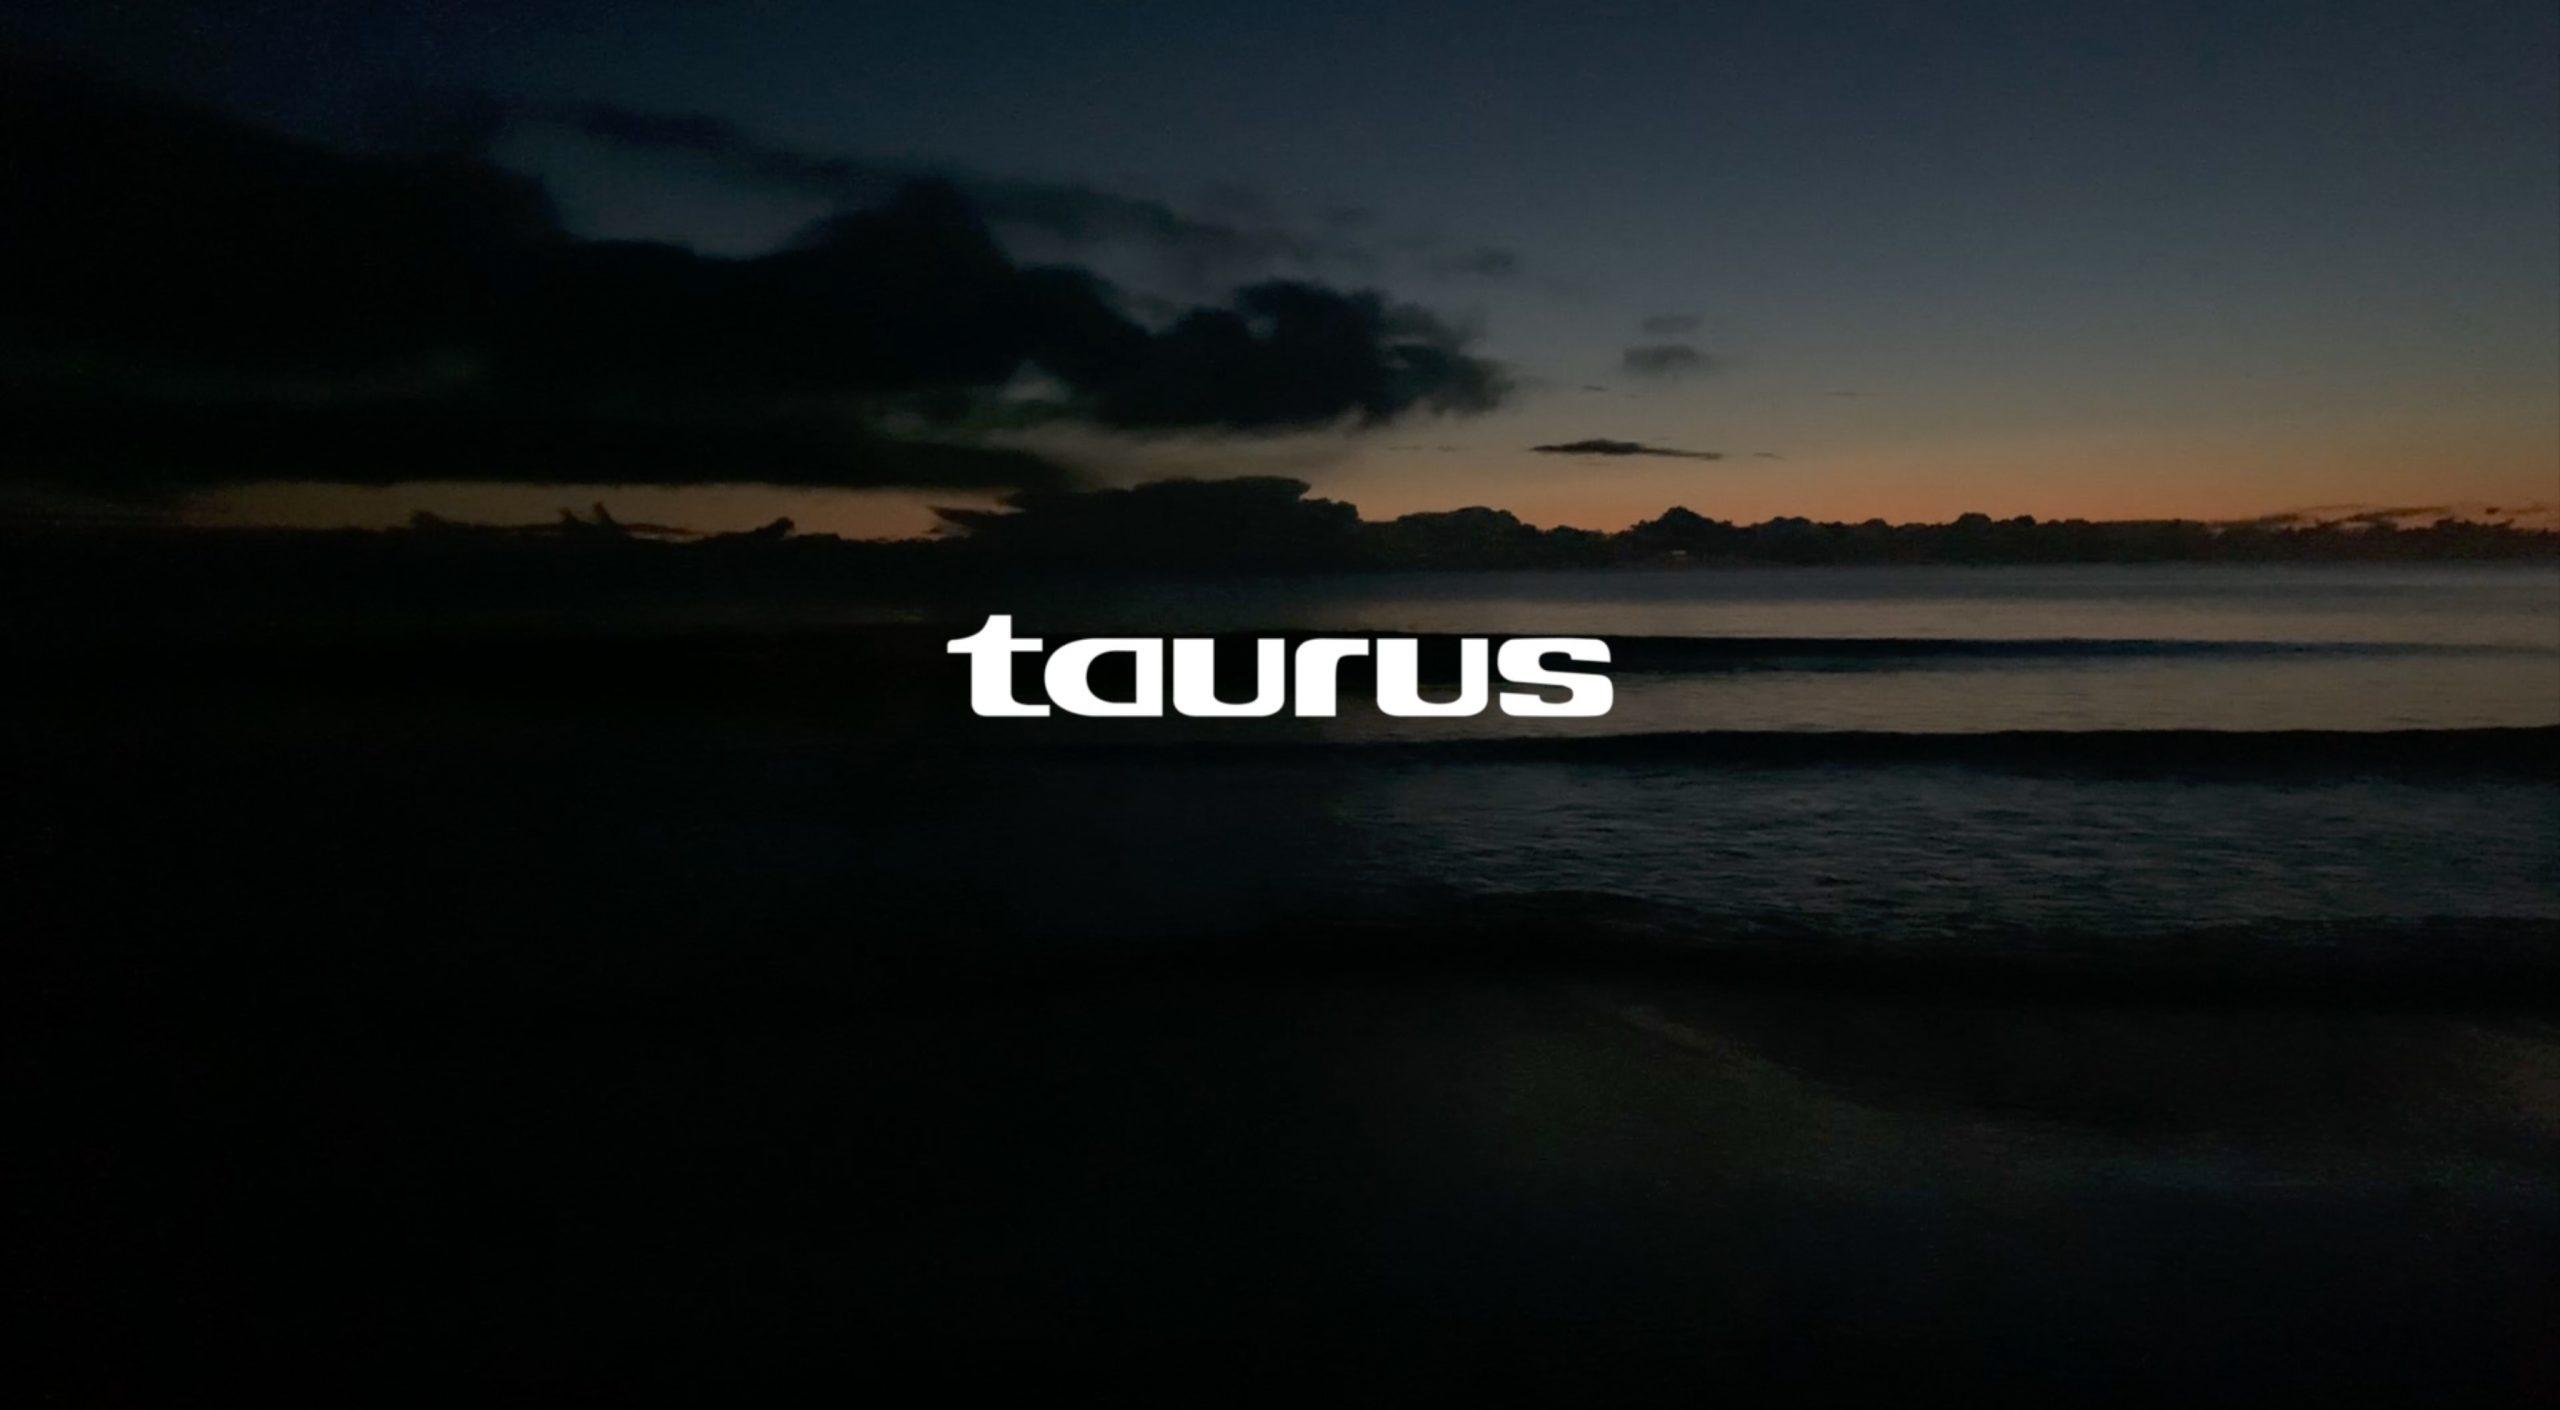 Taurus y el comercial grabado con los recuerdos de muchos celulares